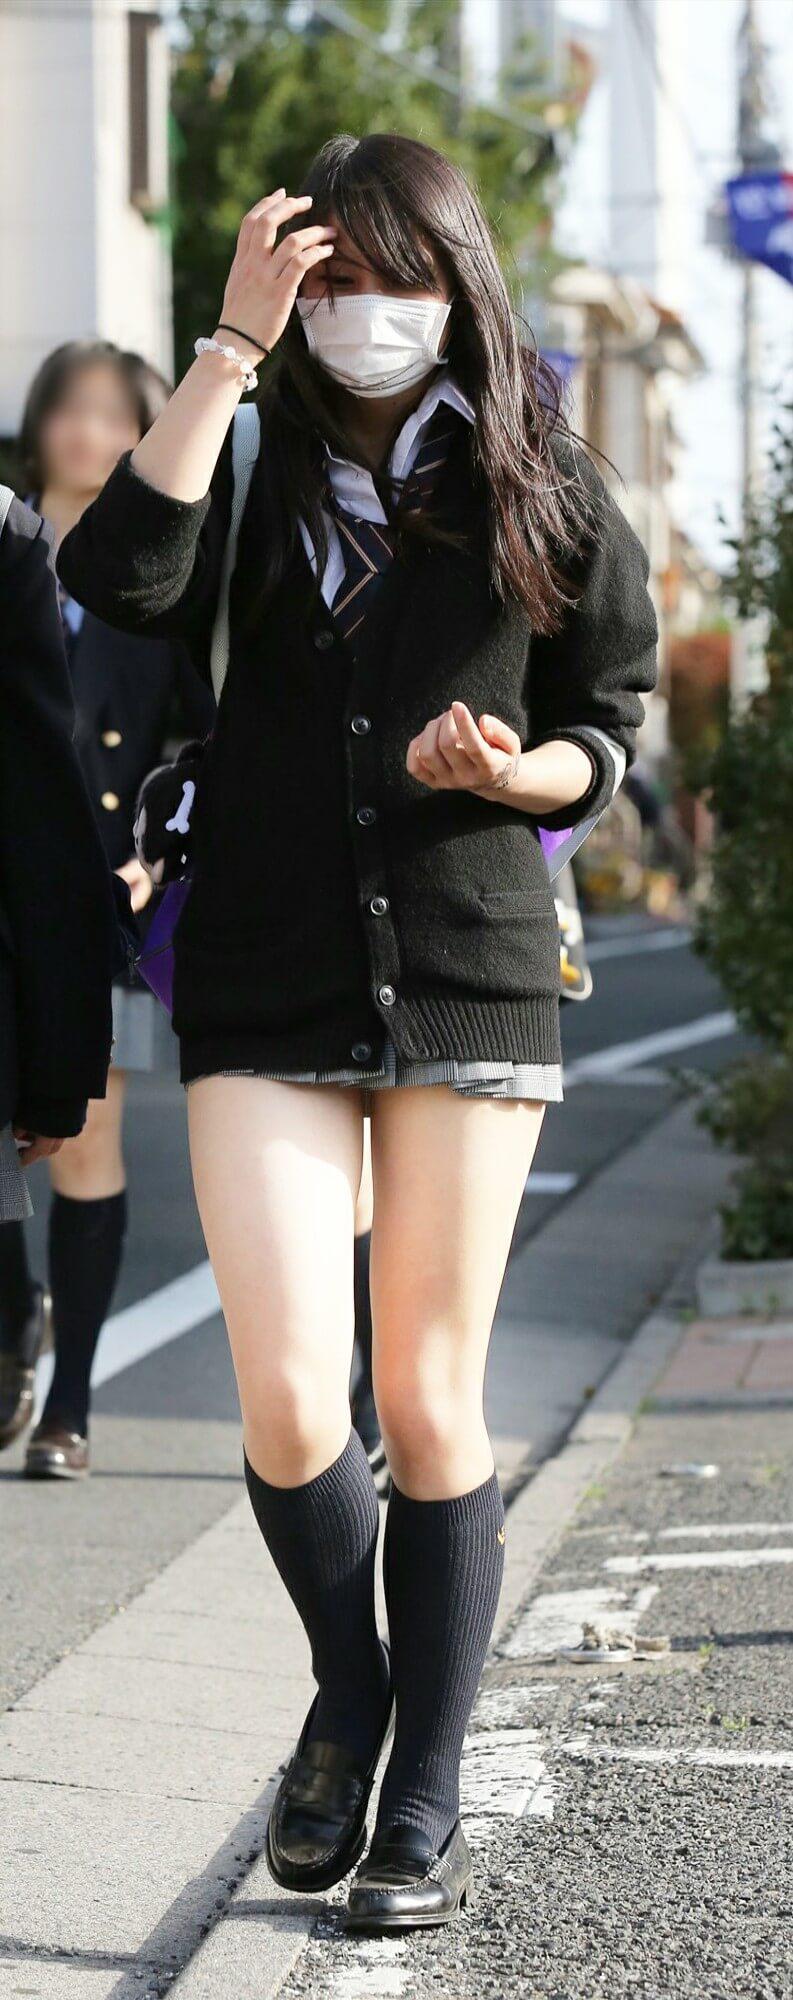 【画像】街中歩く女子高生て生きる公然わいせつやんけ